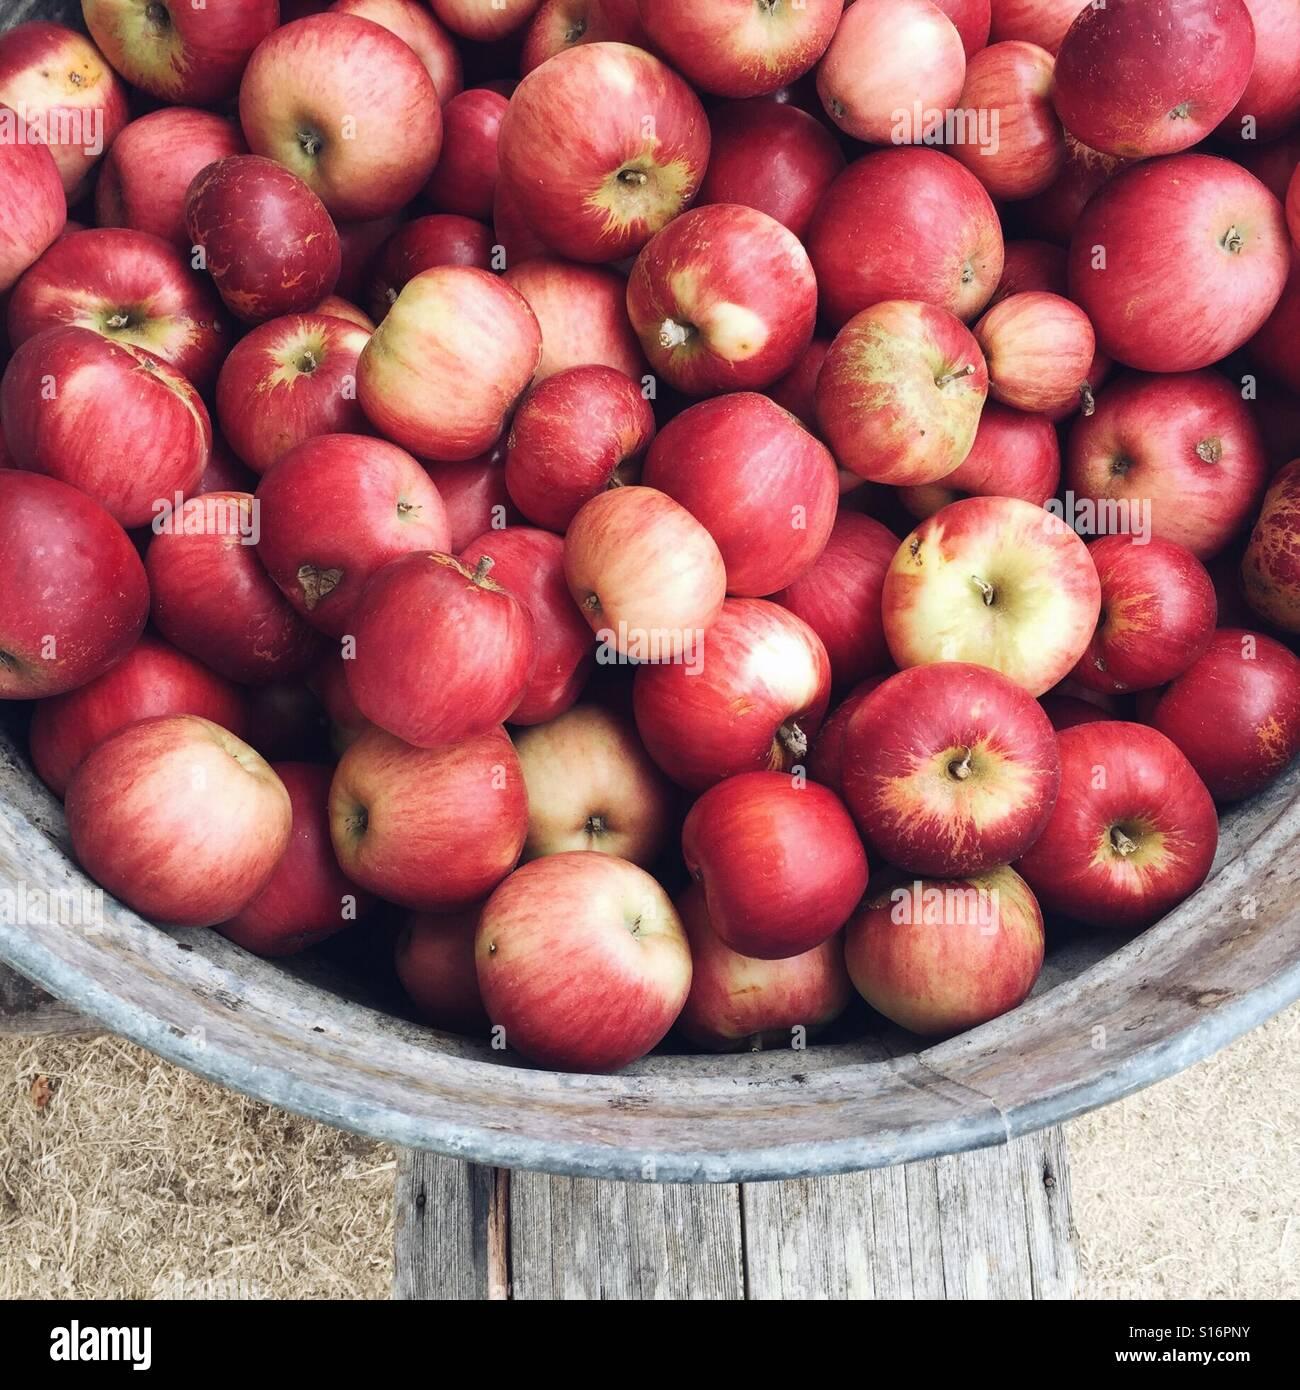 Eimer mit Äpfeln Stockbild